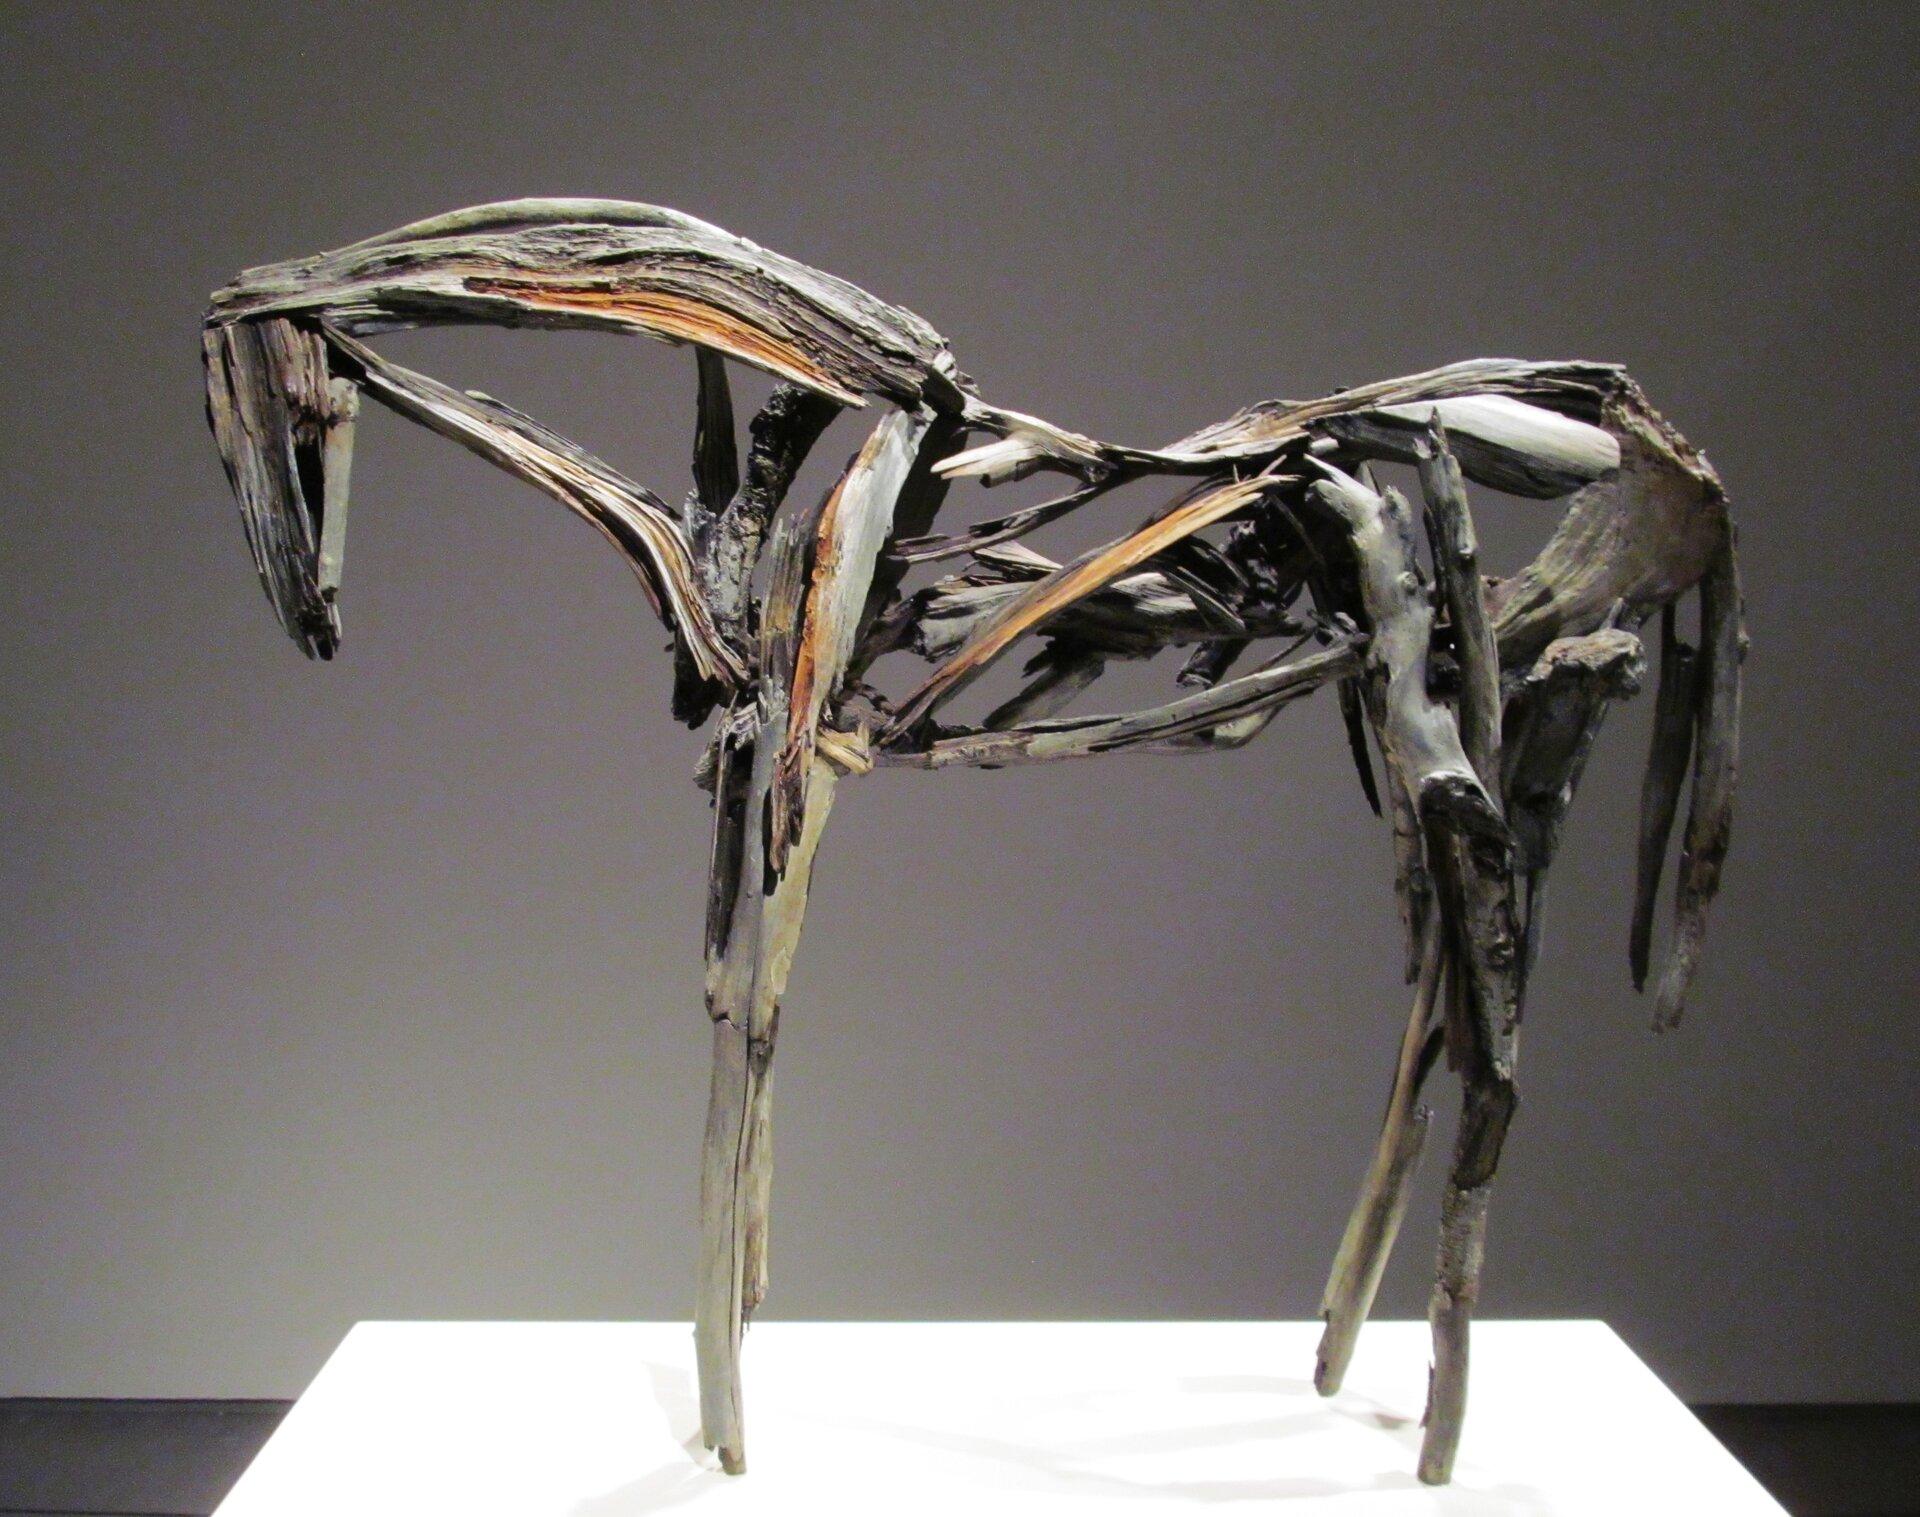 """Ilustracja przedstawia rzeźbę """"Koń"""", wykonaną przez Deborah Butterfield. Jest to konstrukcja konia stojącego ze zwieszonym łbem, pozbawiona pełnowymiarowości, zbudowana ze szkieletu, który artystka wykonała najpierw zgliny ipatyków, anastępnie odlała zbrązu. Szkielet jest spatynowany. Rzeźba ustawiona jest na płaskiej, białej podstawie."""